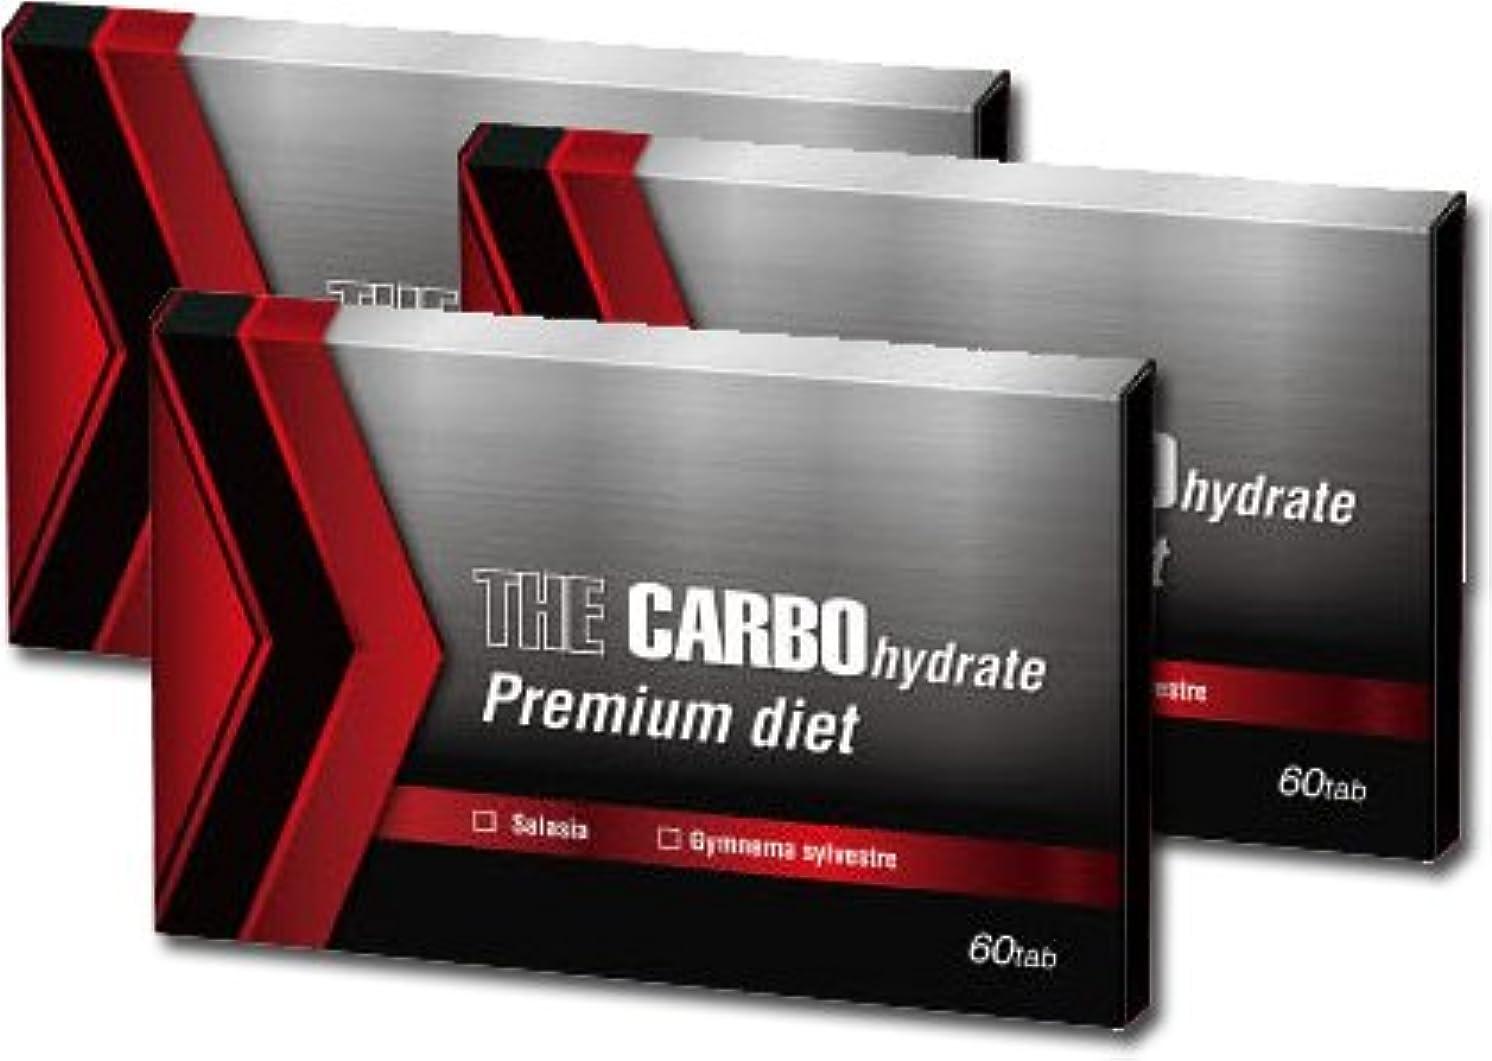 薄い広範囲バストザ?糖質プレミアムダイエット60Tab×3箱セット〔THE CARBO hydrate Premium daiet〕